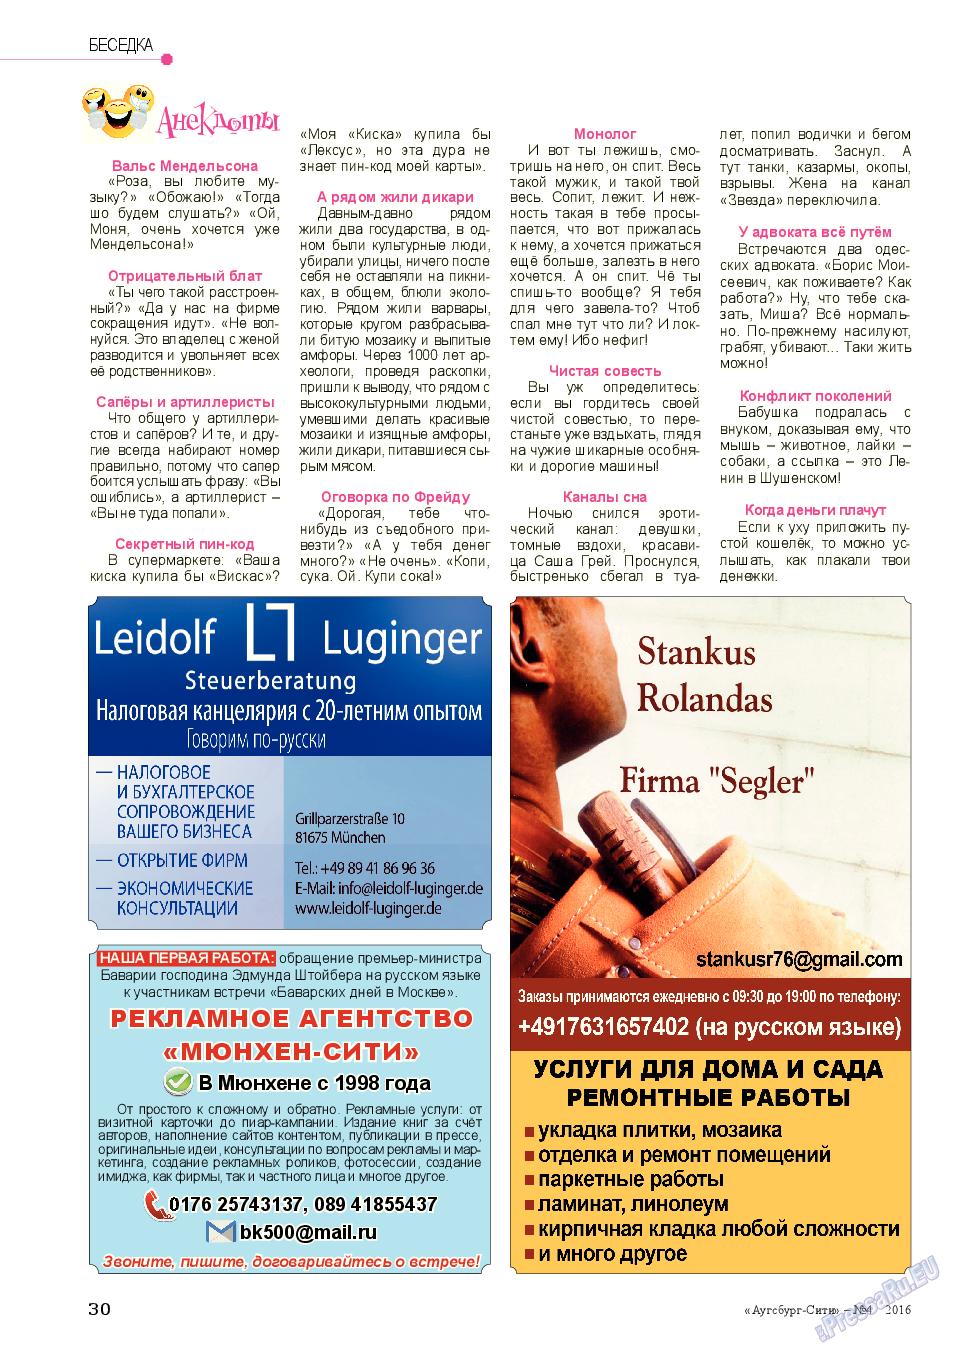 Аугсбург-сити (журнал). 2016 год, номер 4, стр. 30